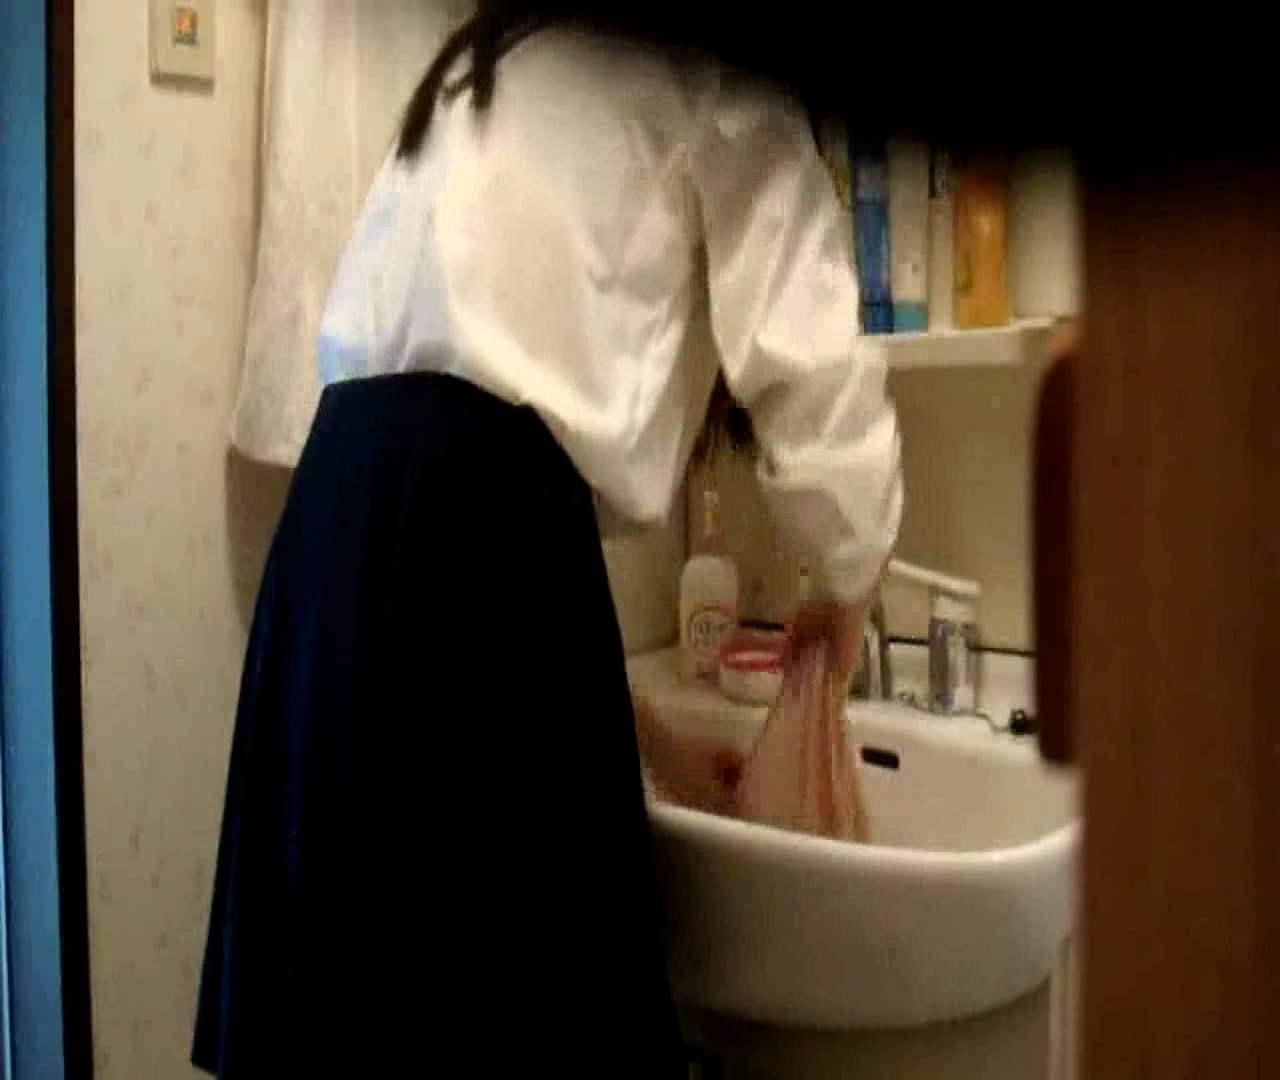 二人とも育てた甲斐がありました… vol.05 まどかが洗顔後にブラを洗濯 盗撮シリーズ | おまんこ見放題  79PIX 13